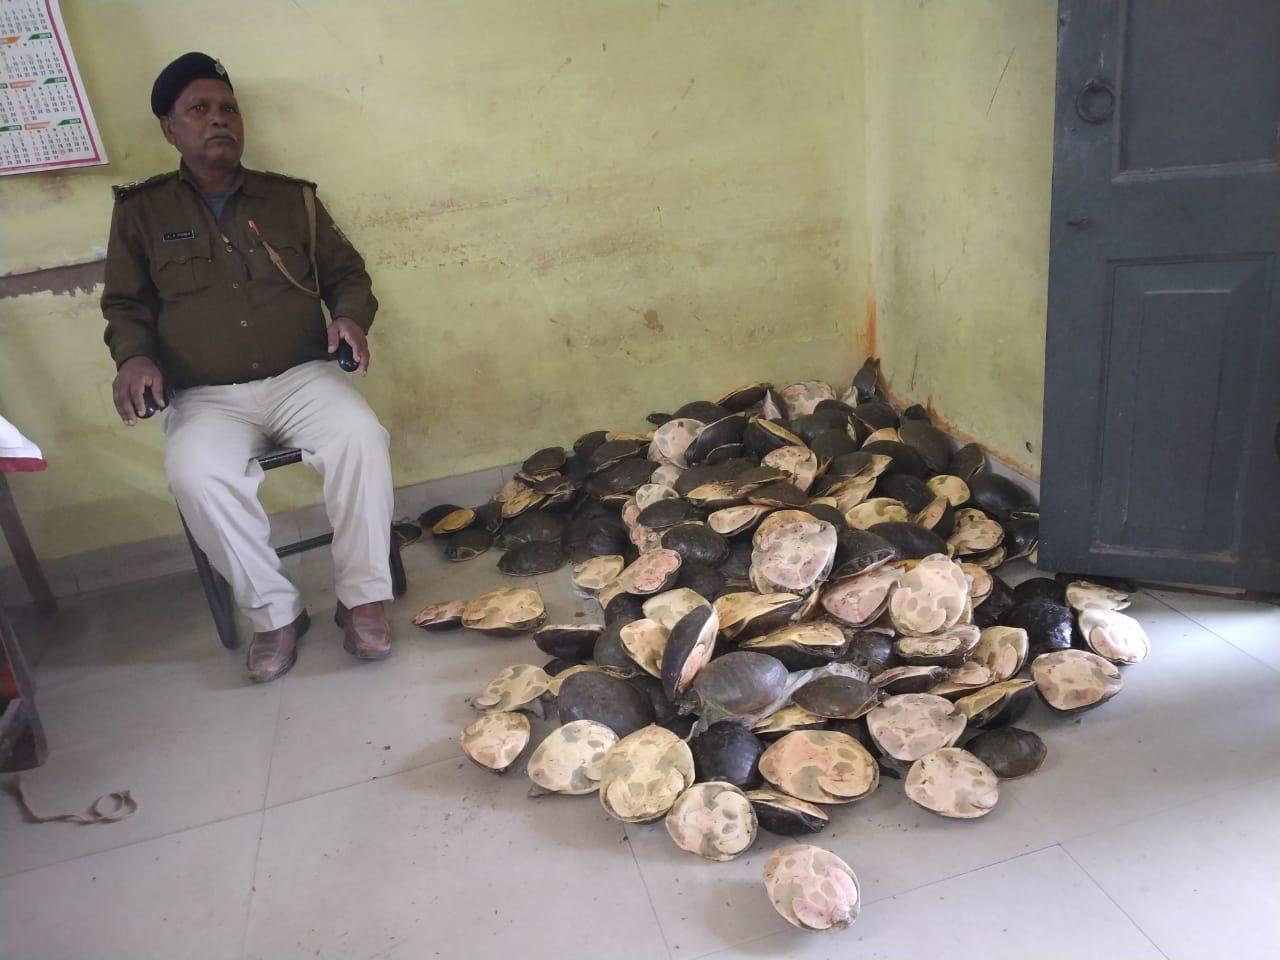 छपरा में ट्रेन से भारी संख्या में कछुए बरामद, बंगाल ले जा रहे थे तस्कर